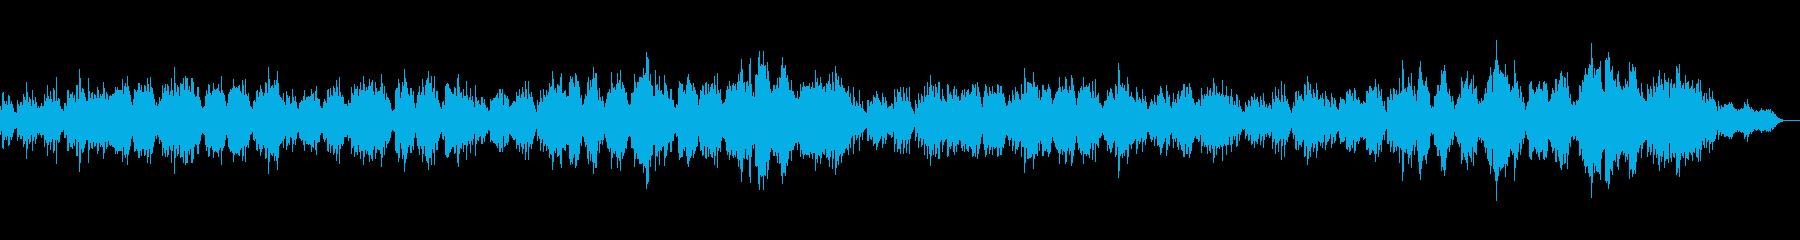 ギターと木管楽器との切ない伴奏曲の再生済みの波形